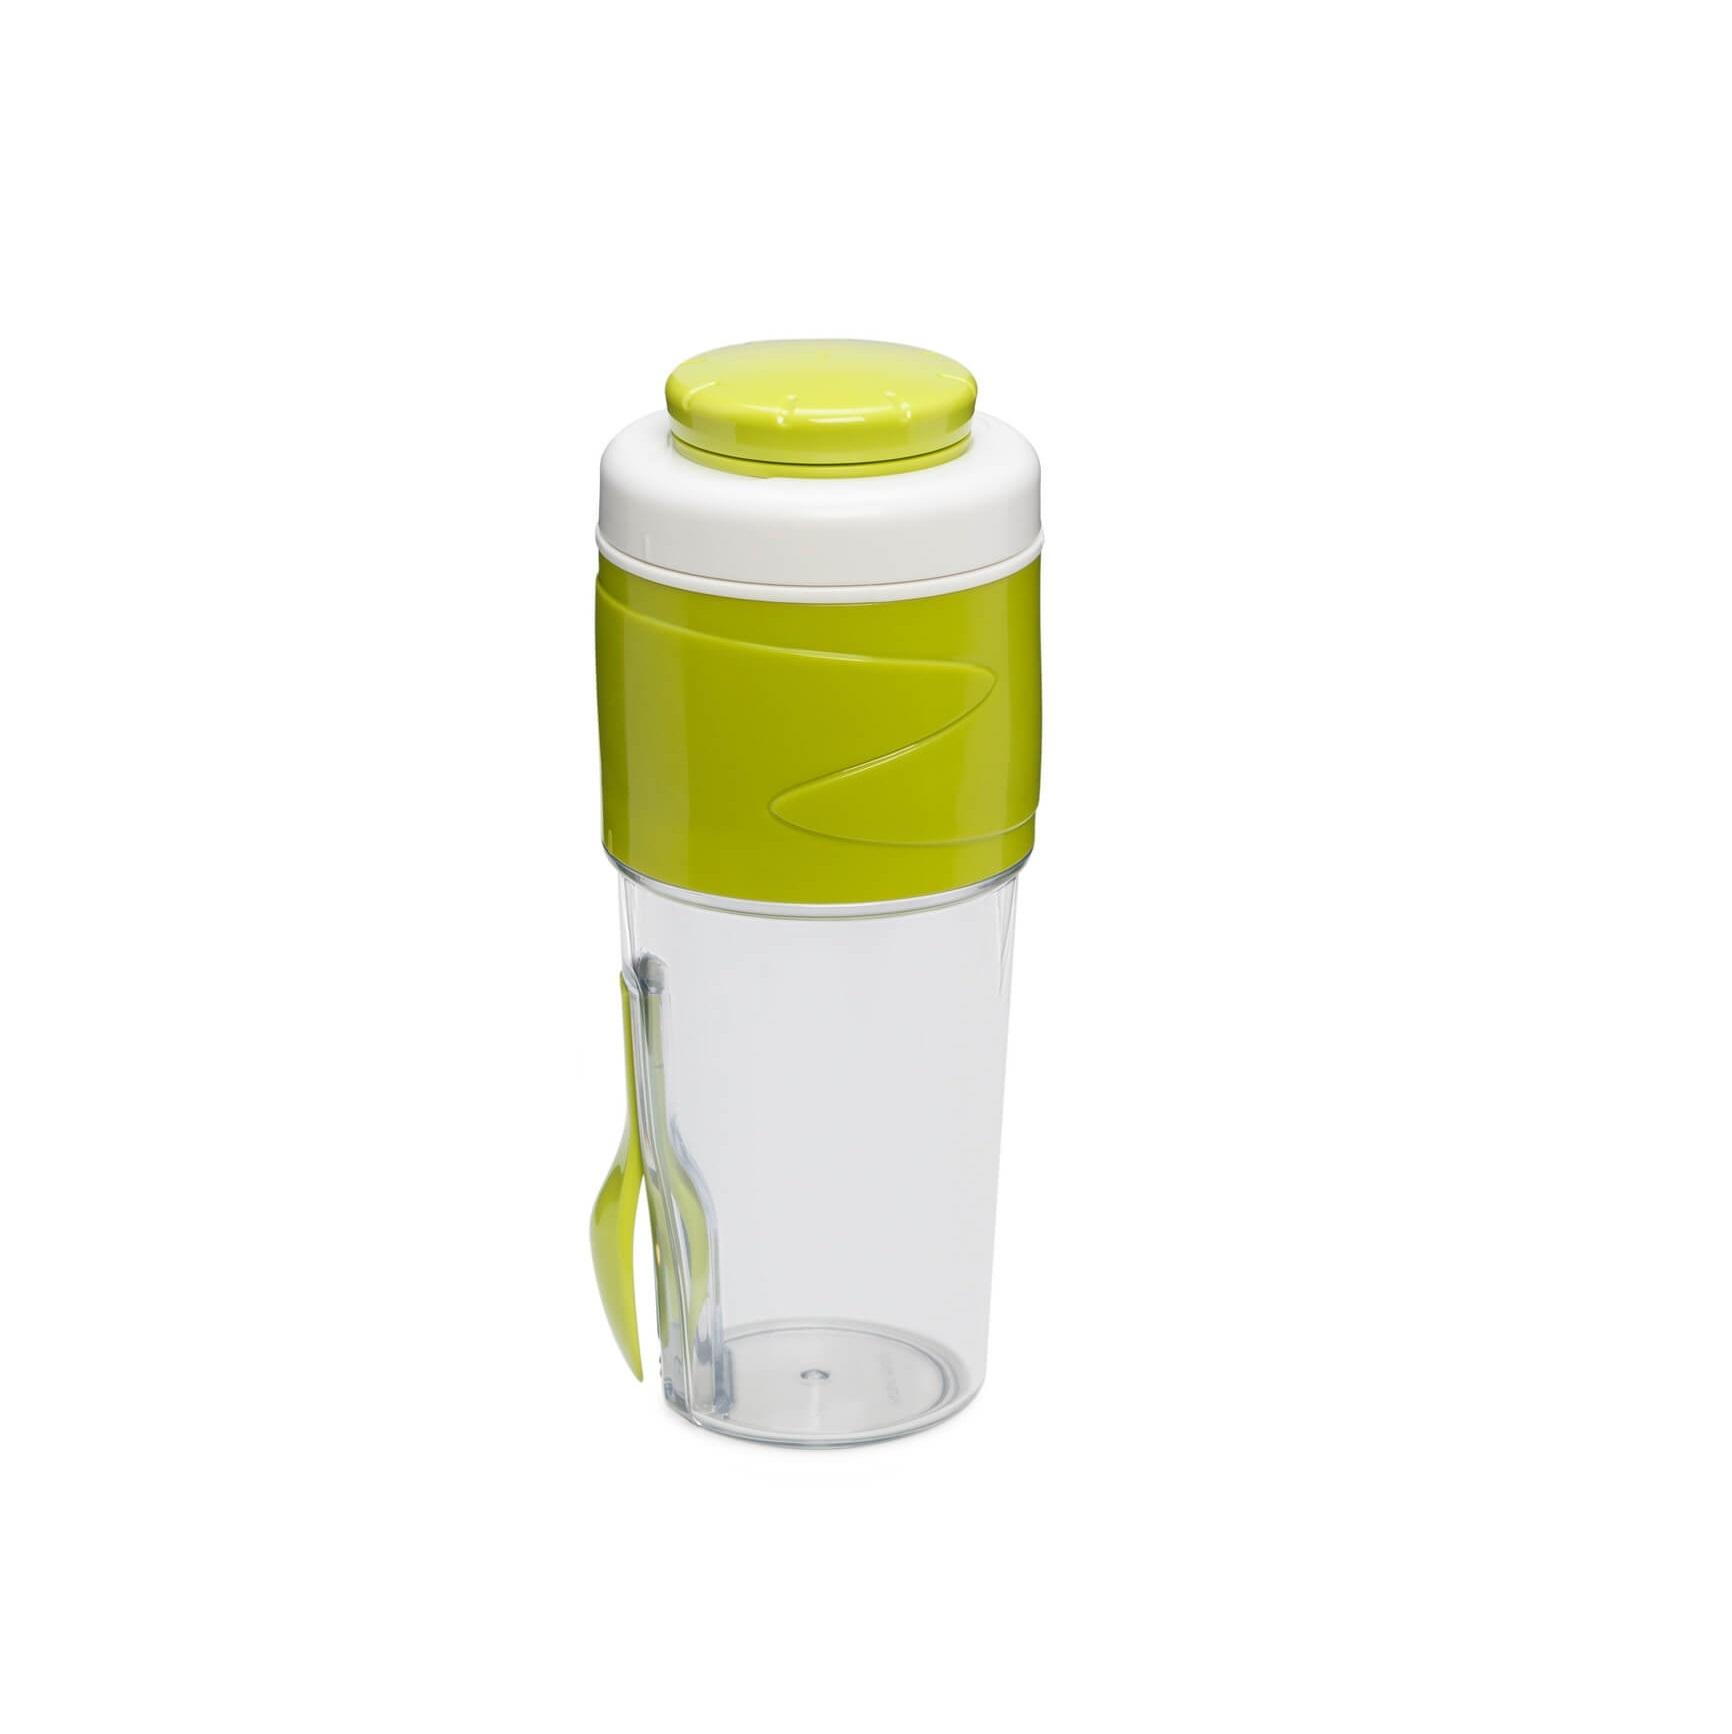 Спиралерезка-стакан Konstar KS-223